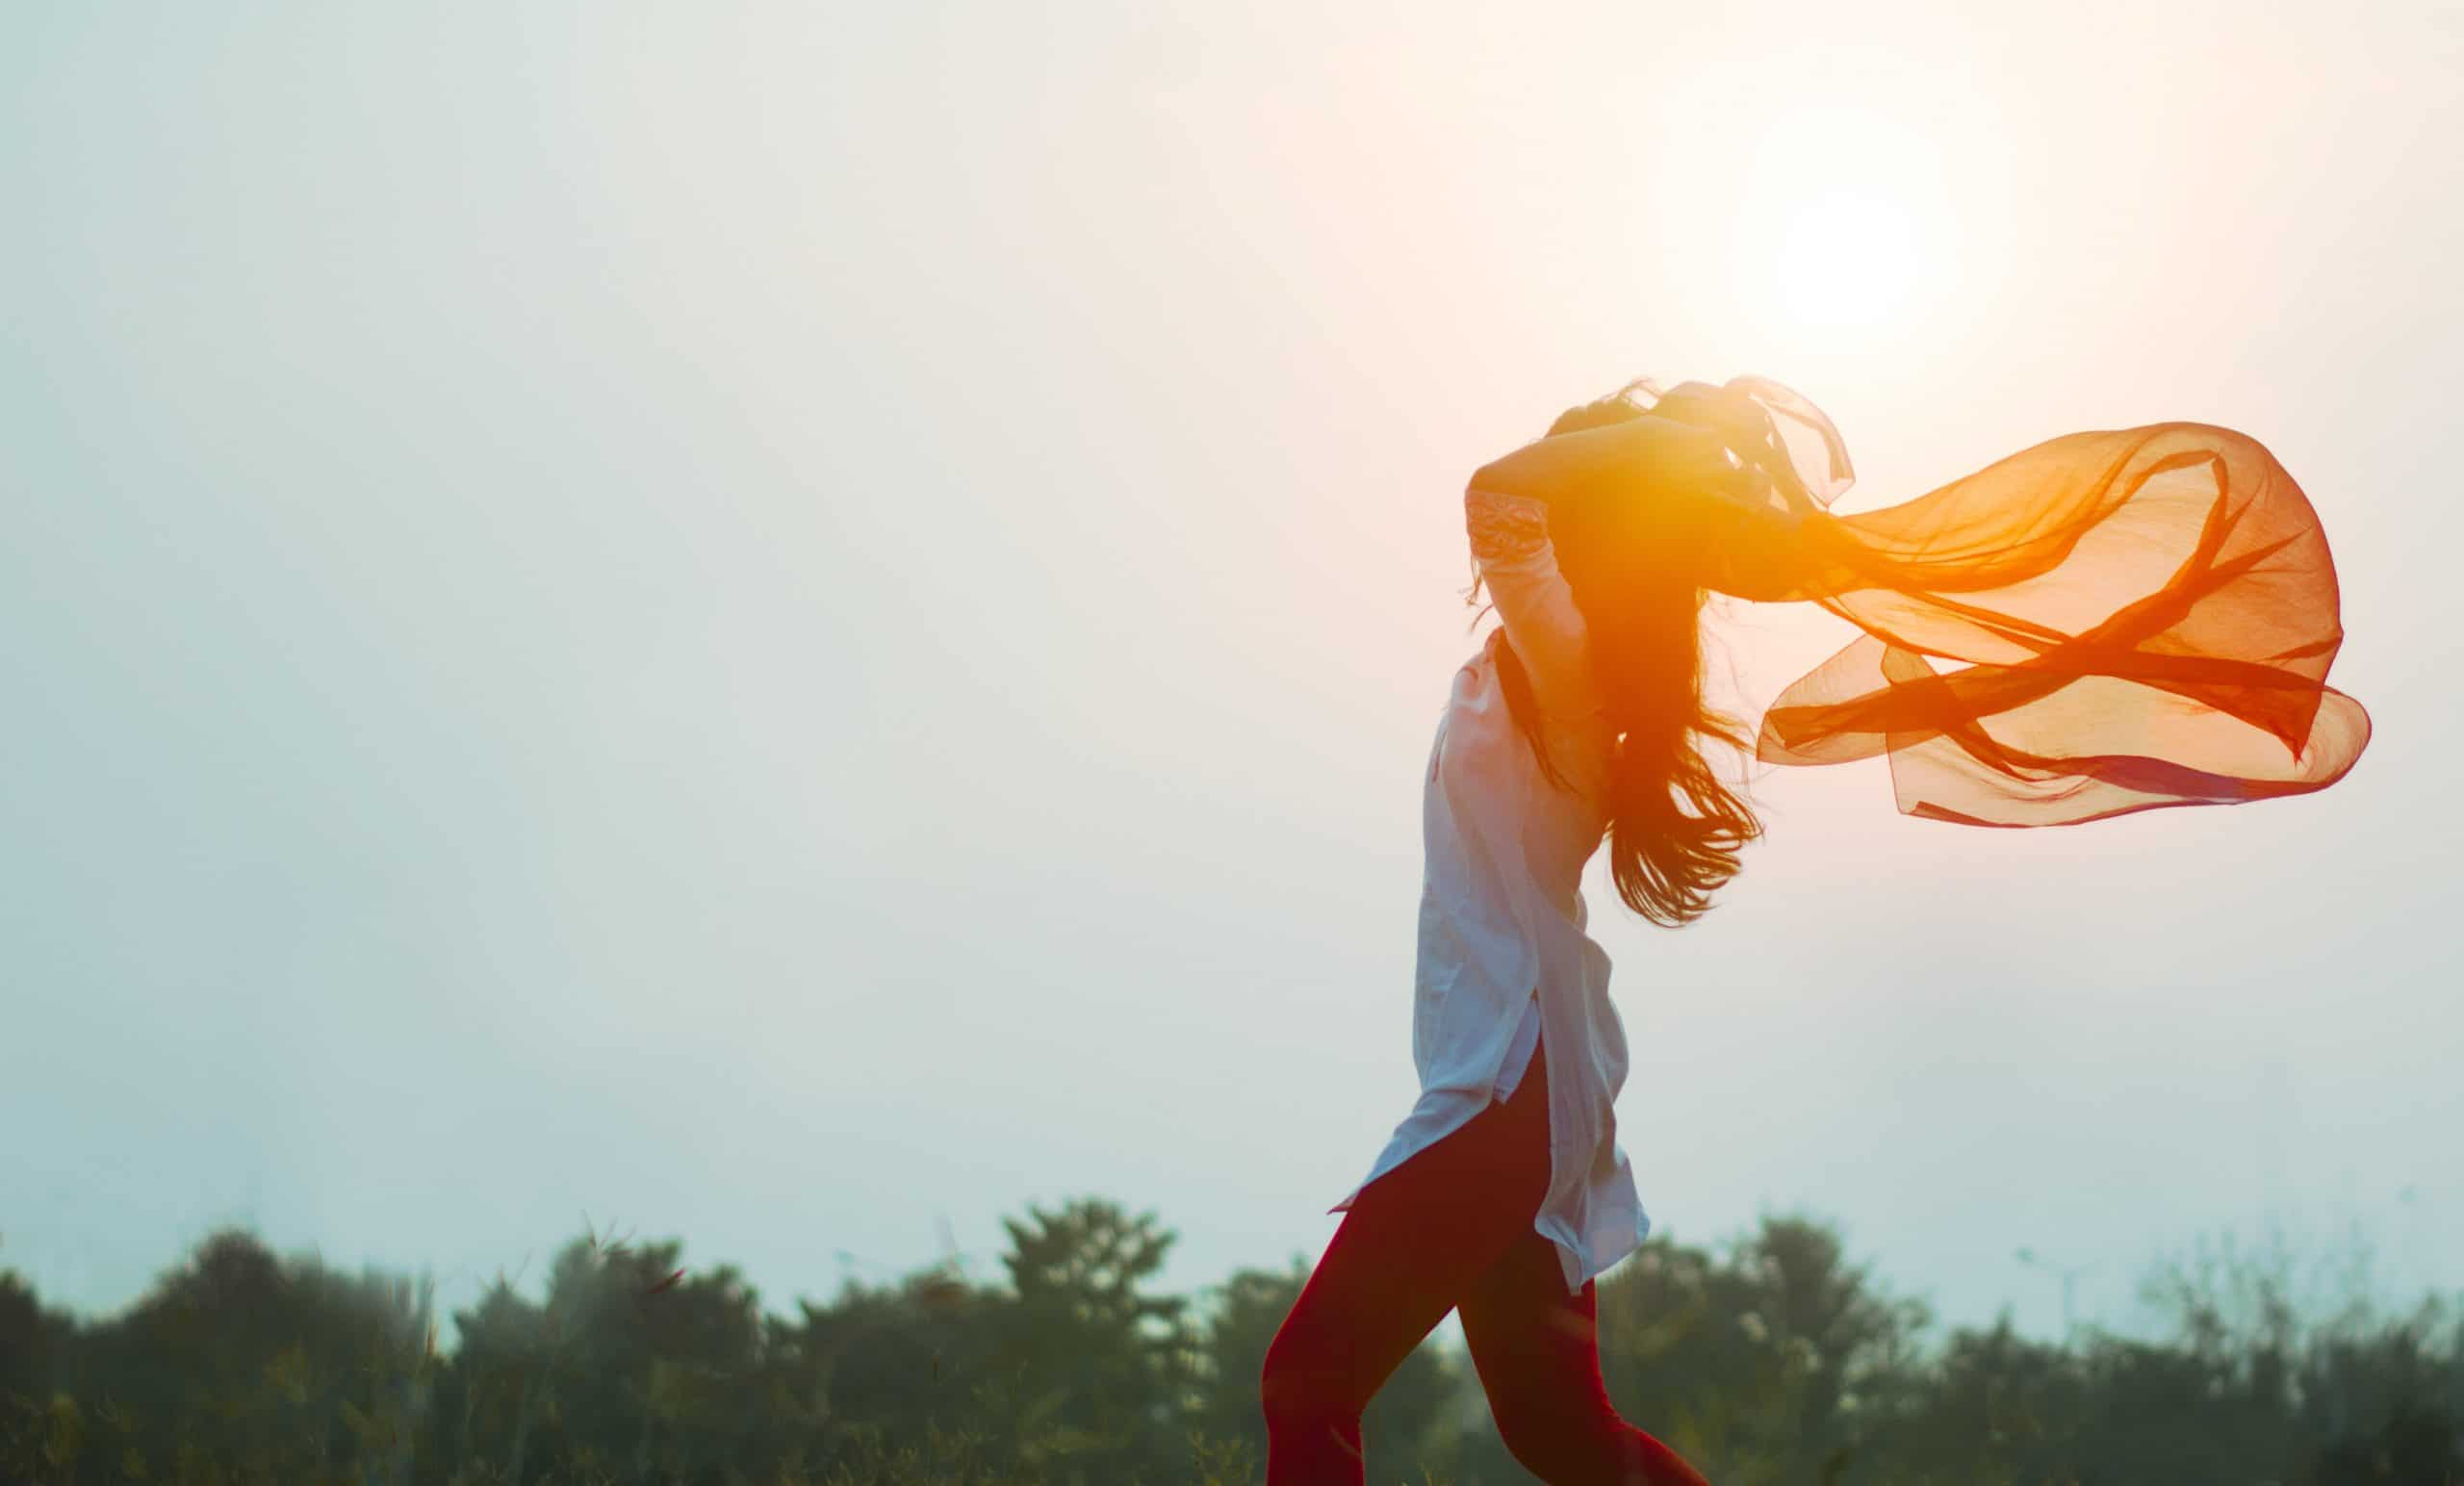 Mulher com pano leve ao vento com sol e céu azul de fundo